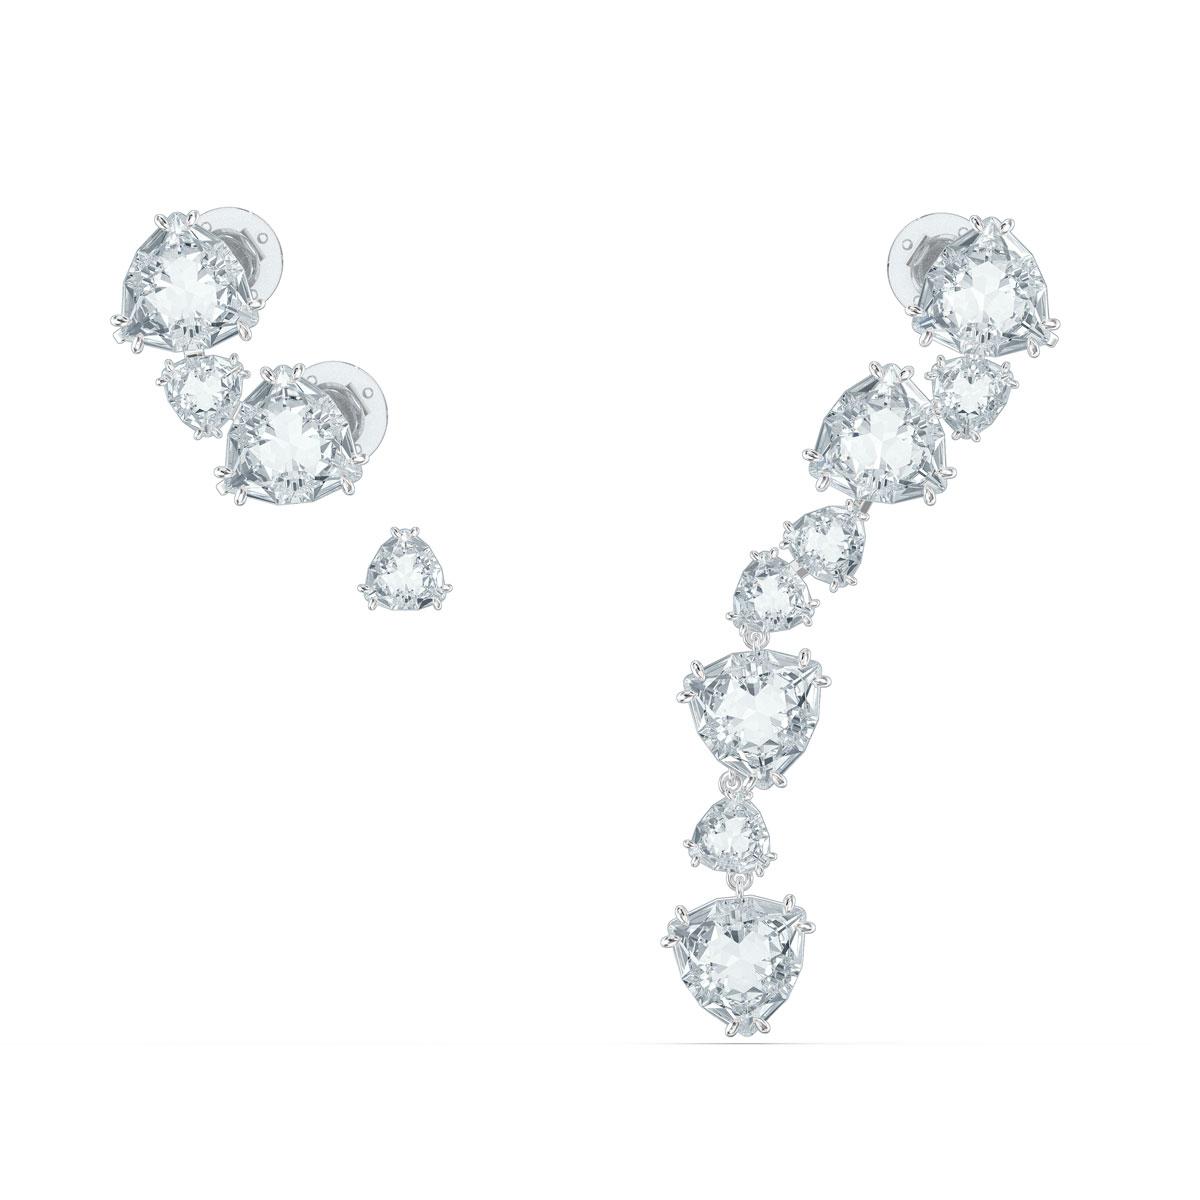 Swarovski Millenia Ear Cuff, Asymmetrical, Set, White, Rhodium Plated